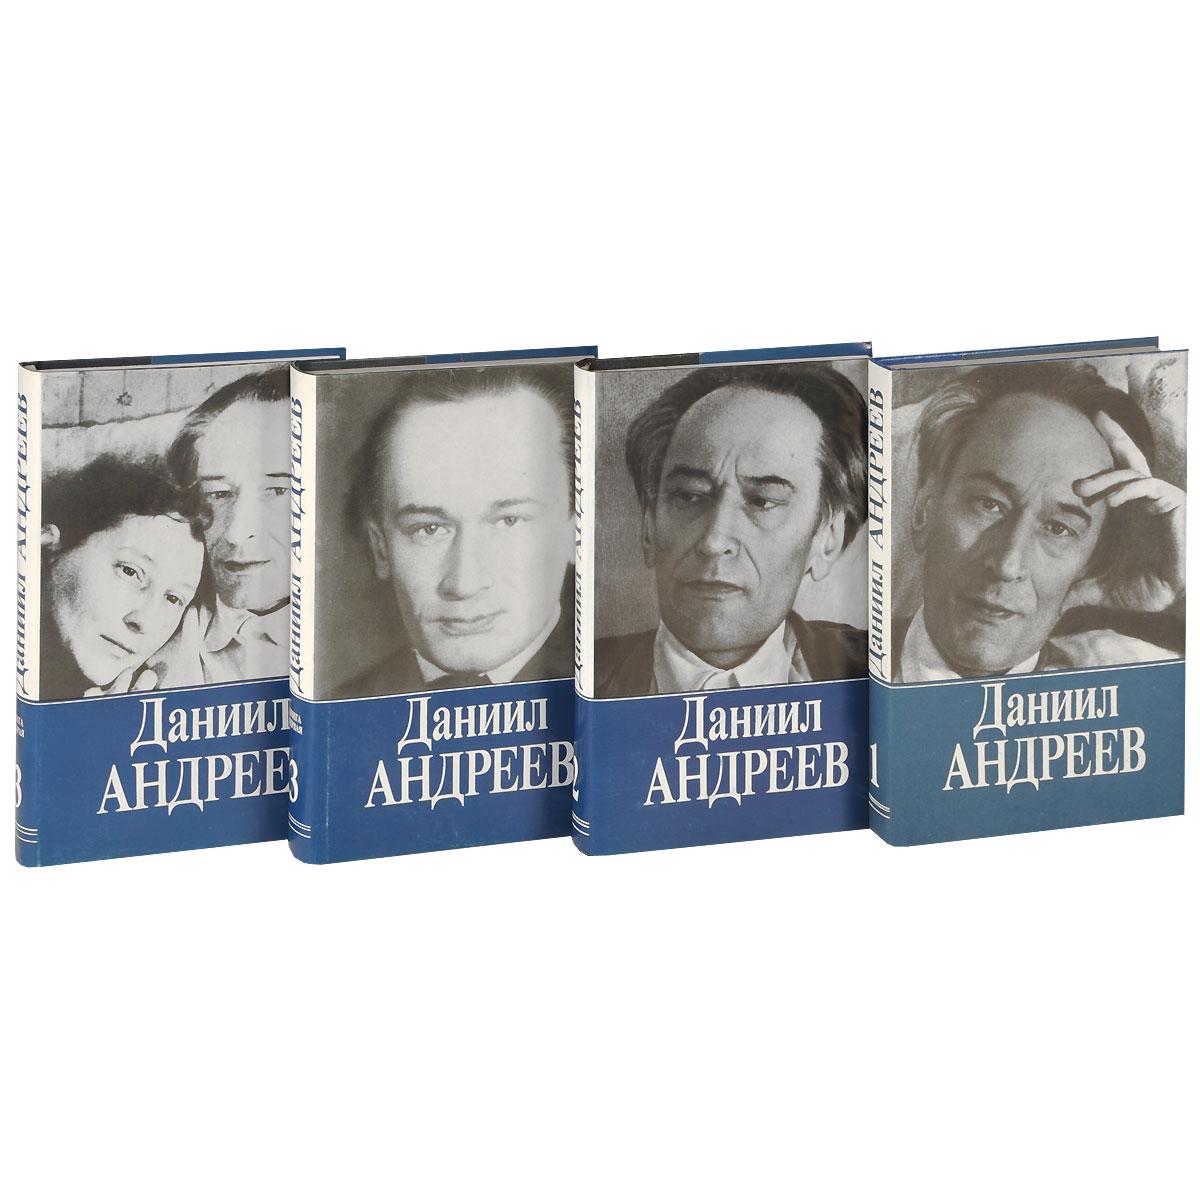 Даниил Андреев. Собрание сочинений в 3 томах (комплект из 4 книг)